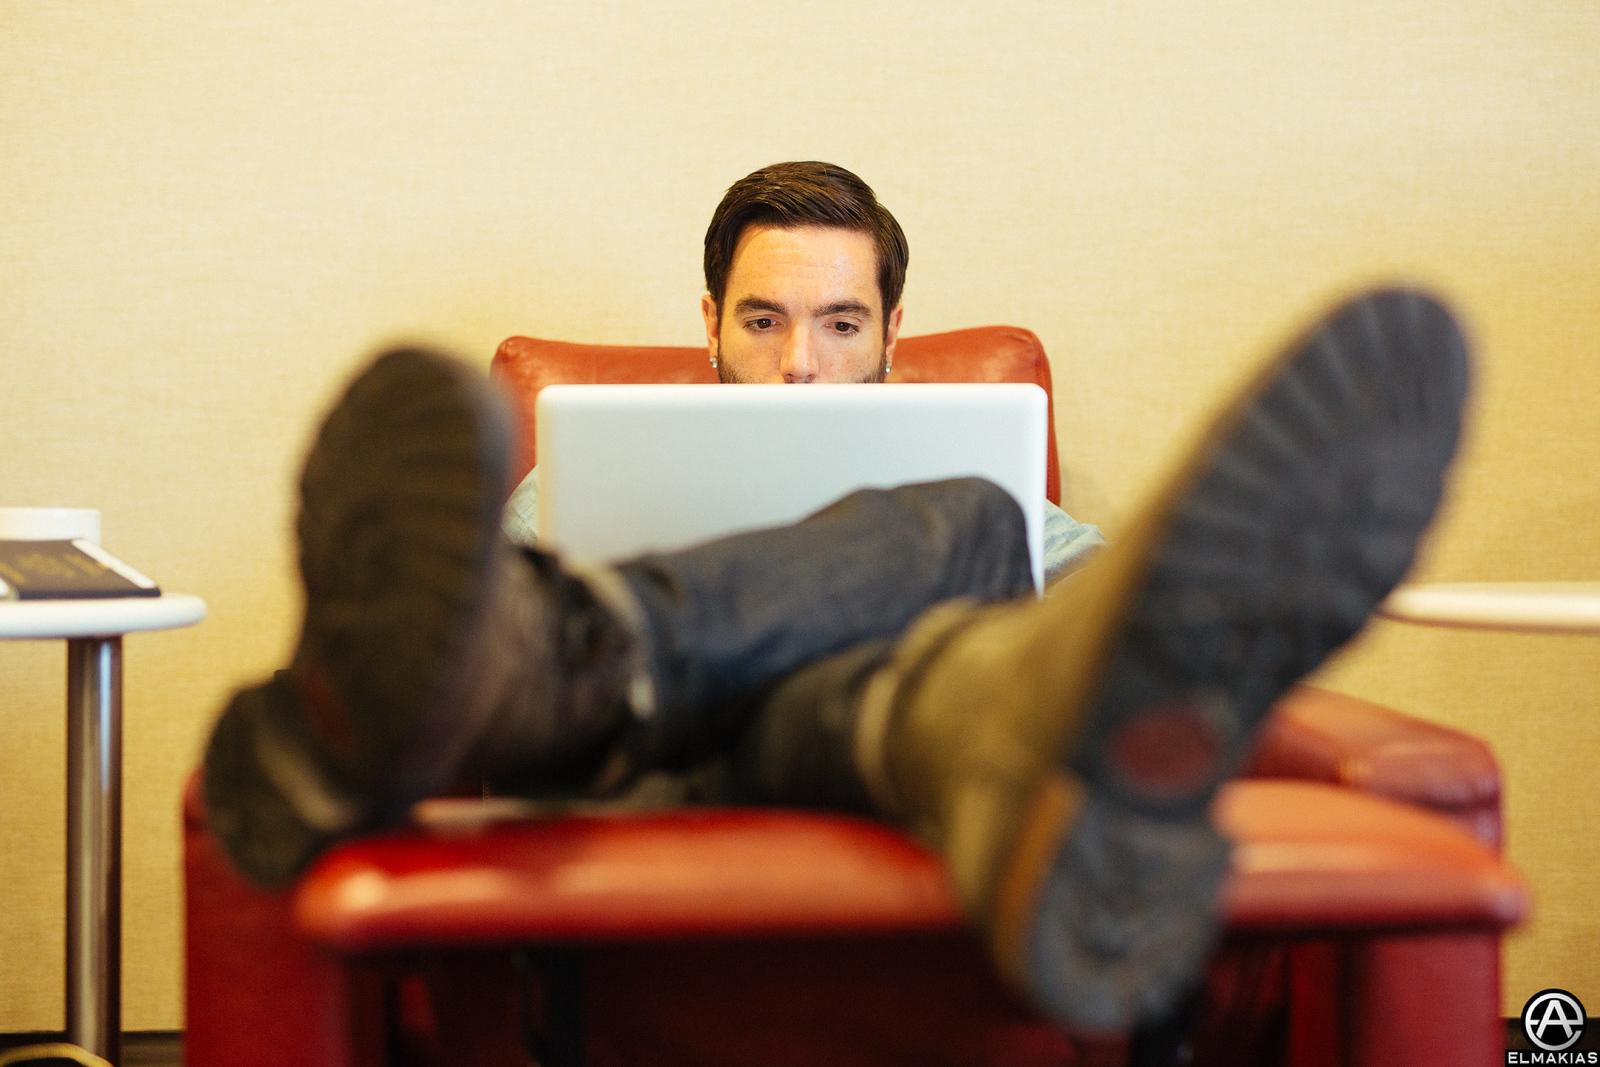 Jeremy McKinnon in laptop land